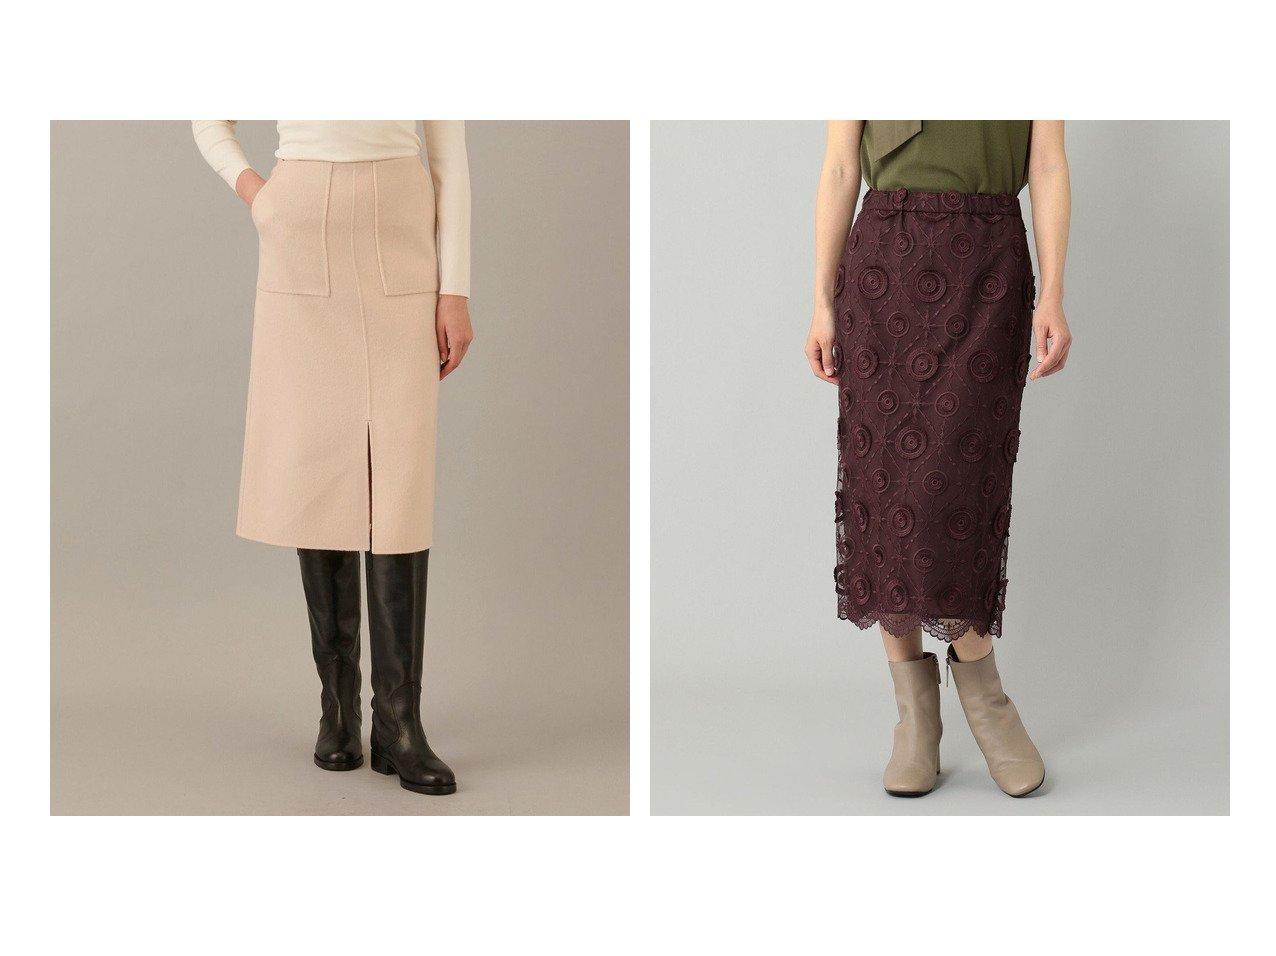 【JOSEPH/ジョゼフ】のライトリバー スカート&【GRACE CONTINENTAL/グレース コンチネンタル】のチュール刺繍タイトスカート 【スカート】おすすめ!人気、トレンド・レディースファッションの通販   おすすめで人気の流行・トレンド、ファッションの通販商品 インテリア・家具・メンズファッション・キッズファッション・レディースファッション・服の通販 founy(ファニー) https://founy.com/ ファッション Fashion レディースファッション WOMEN スカート Skirt 送料無料 Free Shipping A/W・秋冬 AW・Autumn/Winter・FW・Fall-Winter スリット センター ダブル パッチ フェイス ポケット ミドル 軽量 タイトスカート チュール  ID:crp329100000064827